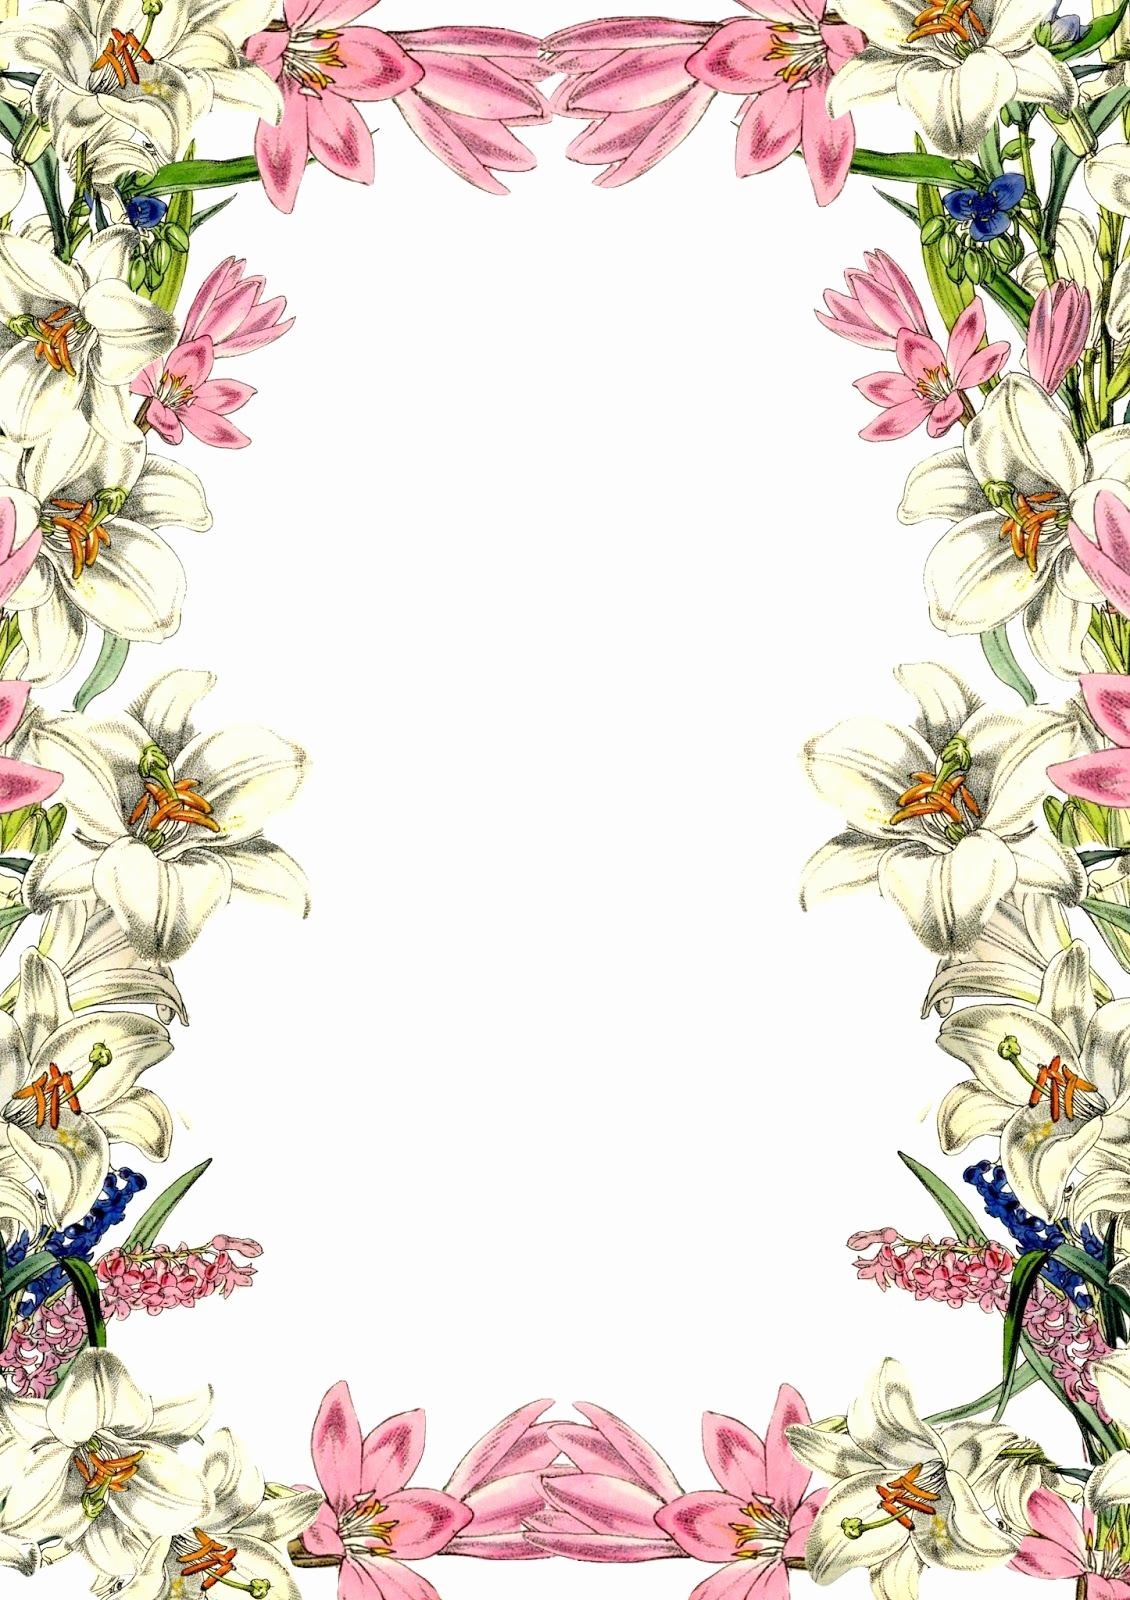 Briefpapier Drucken Kostenlos Ausdrucken Luxus Free Digital bestimmt für Briefpapier Zum Ausdrucken